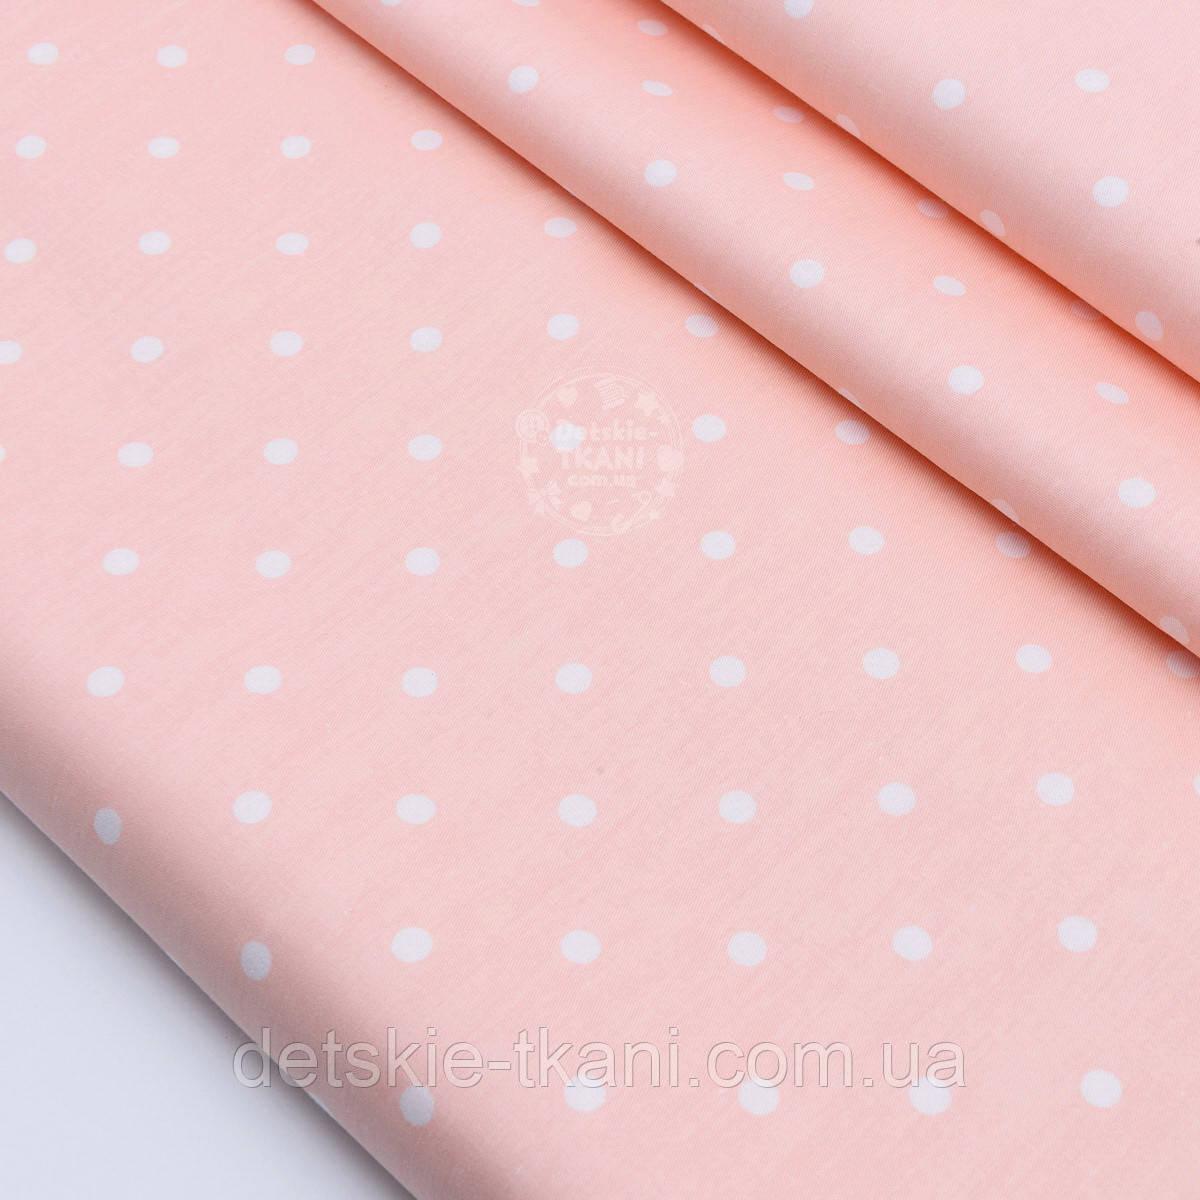 """Сатин ткань """"Редкий горошек 7 мм"""" белый на персиковом, № 1717с"""